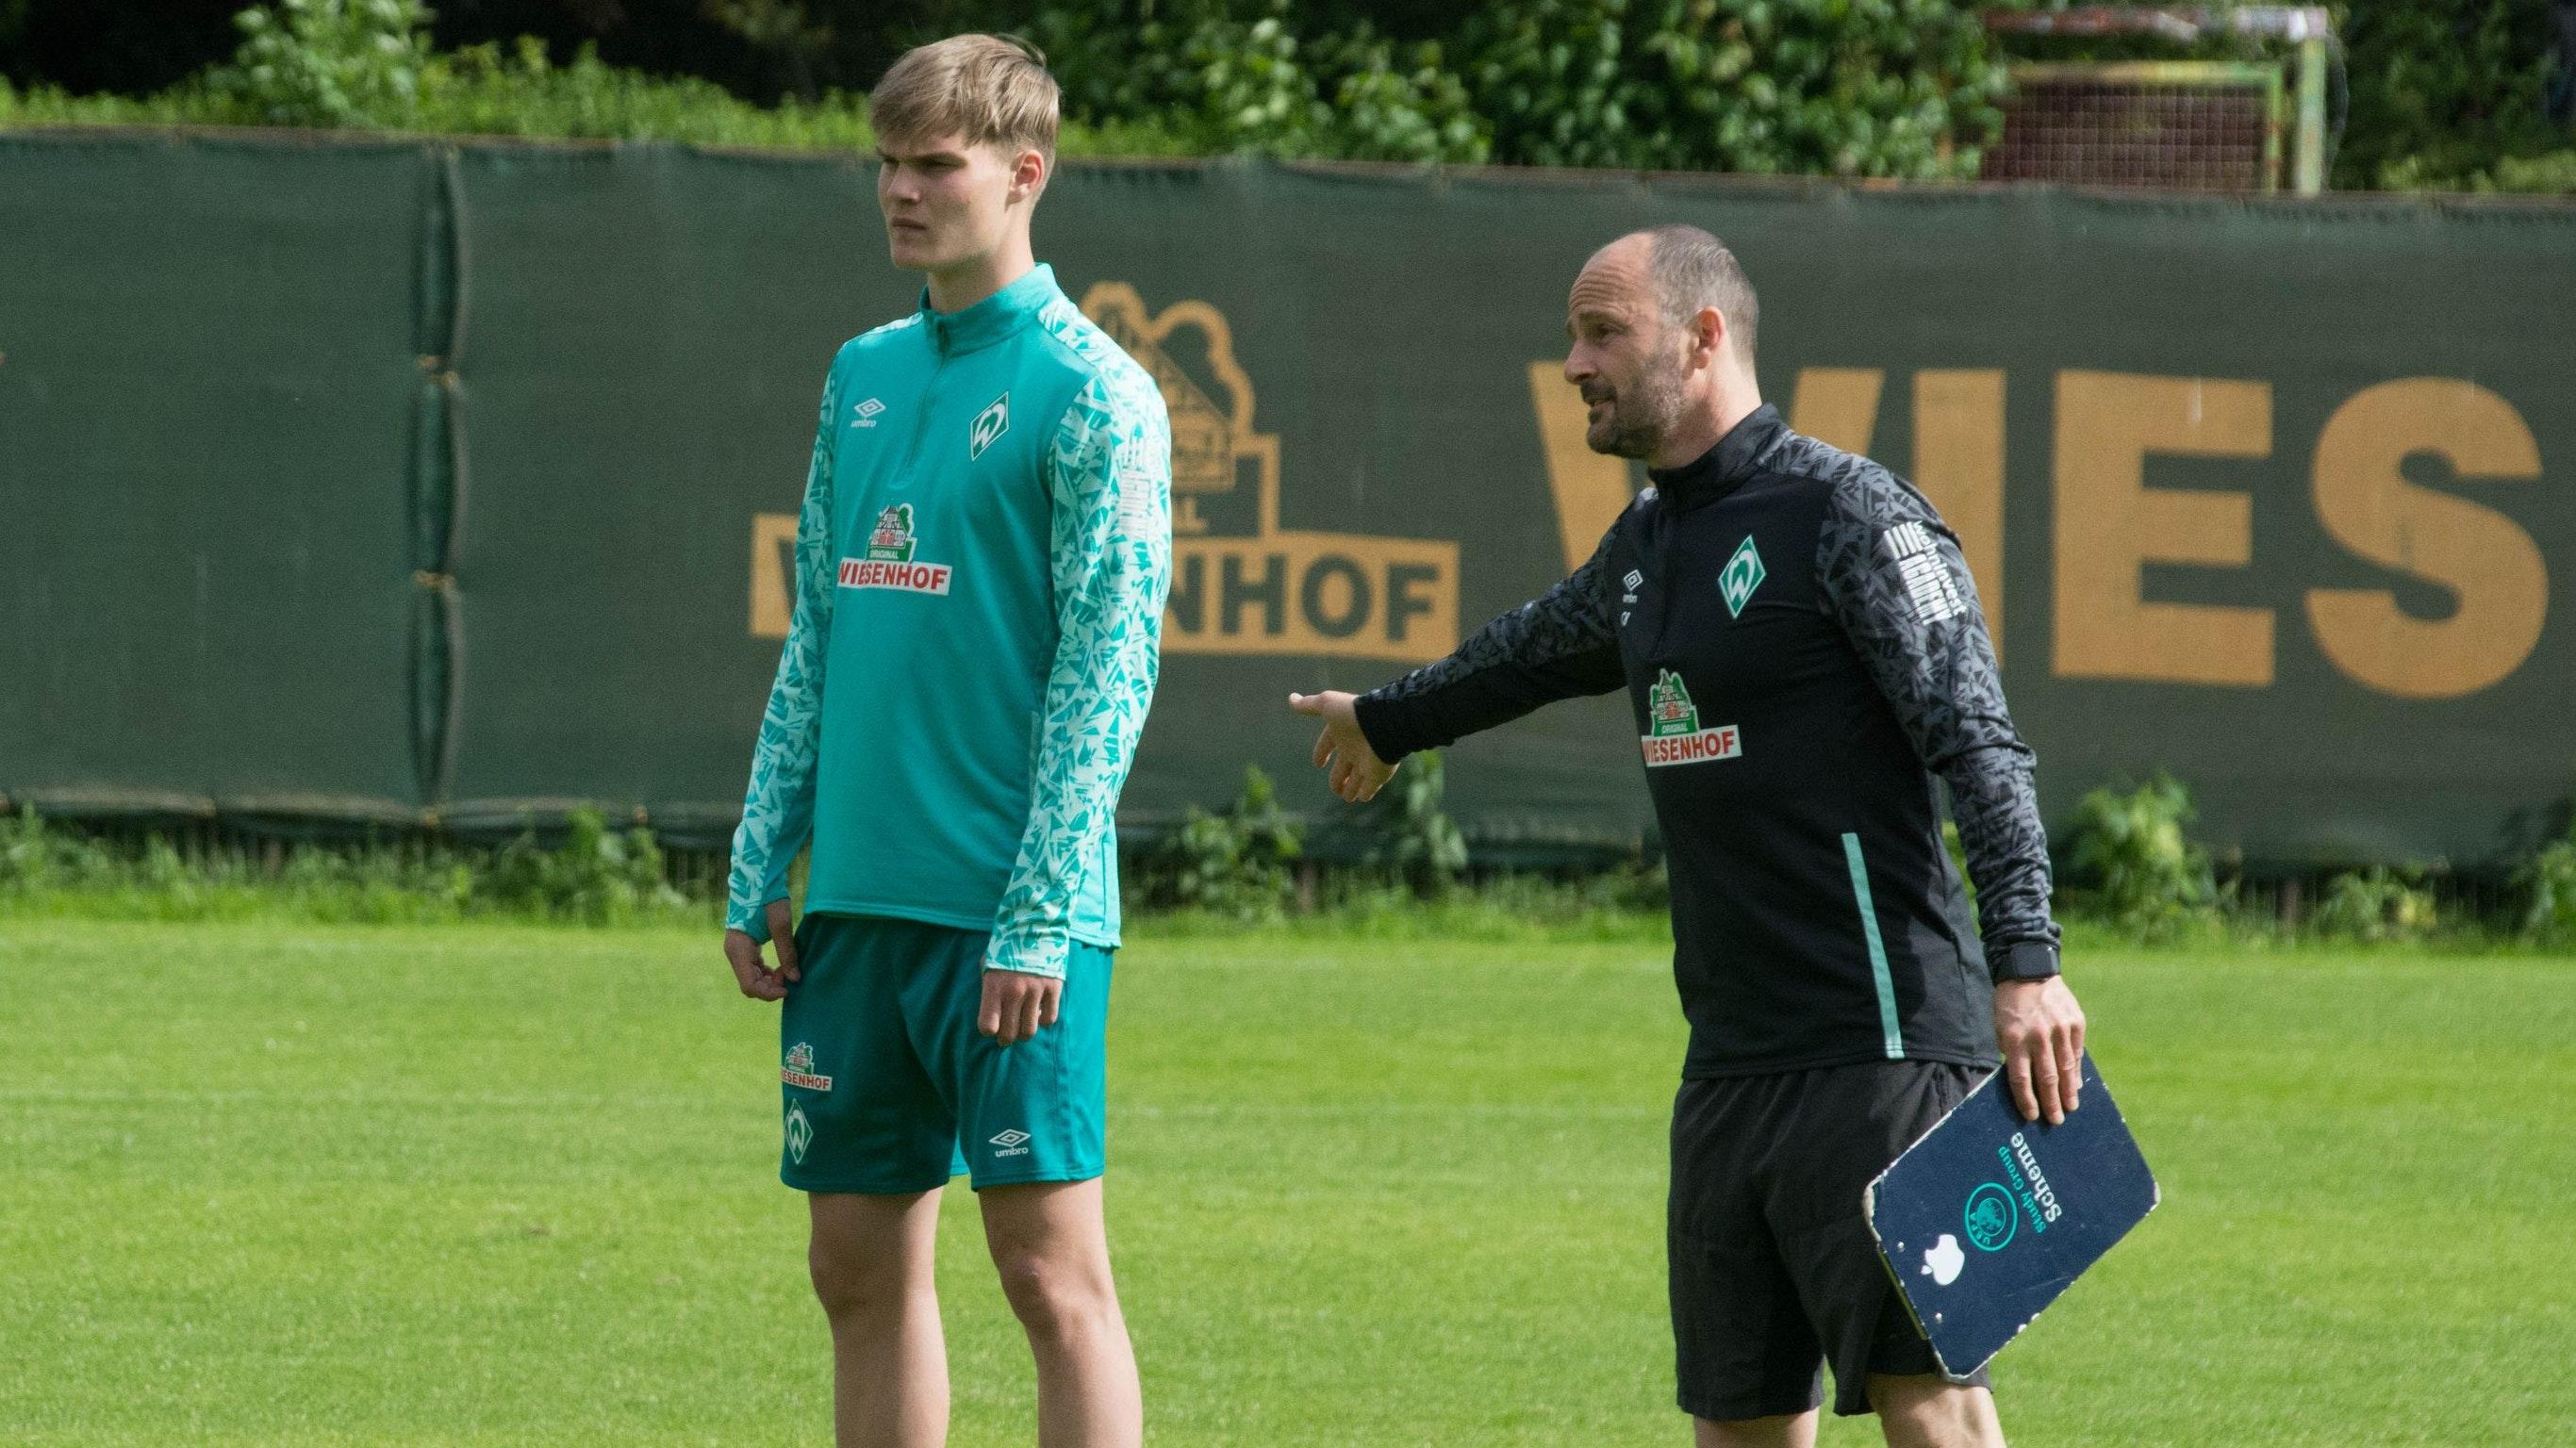 Tipps vom Profi: Mathis Richter (links) mit U-19-Trainer Christian Brand. Foto: Katja Warncke